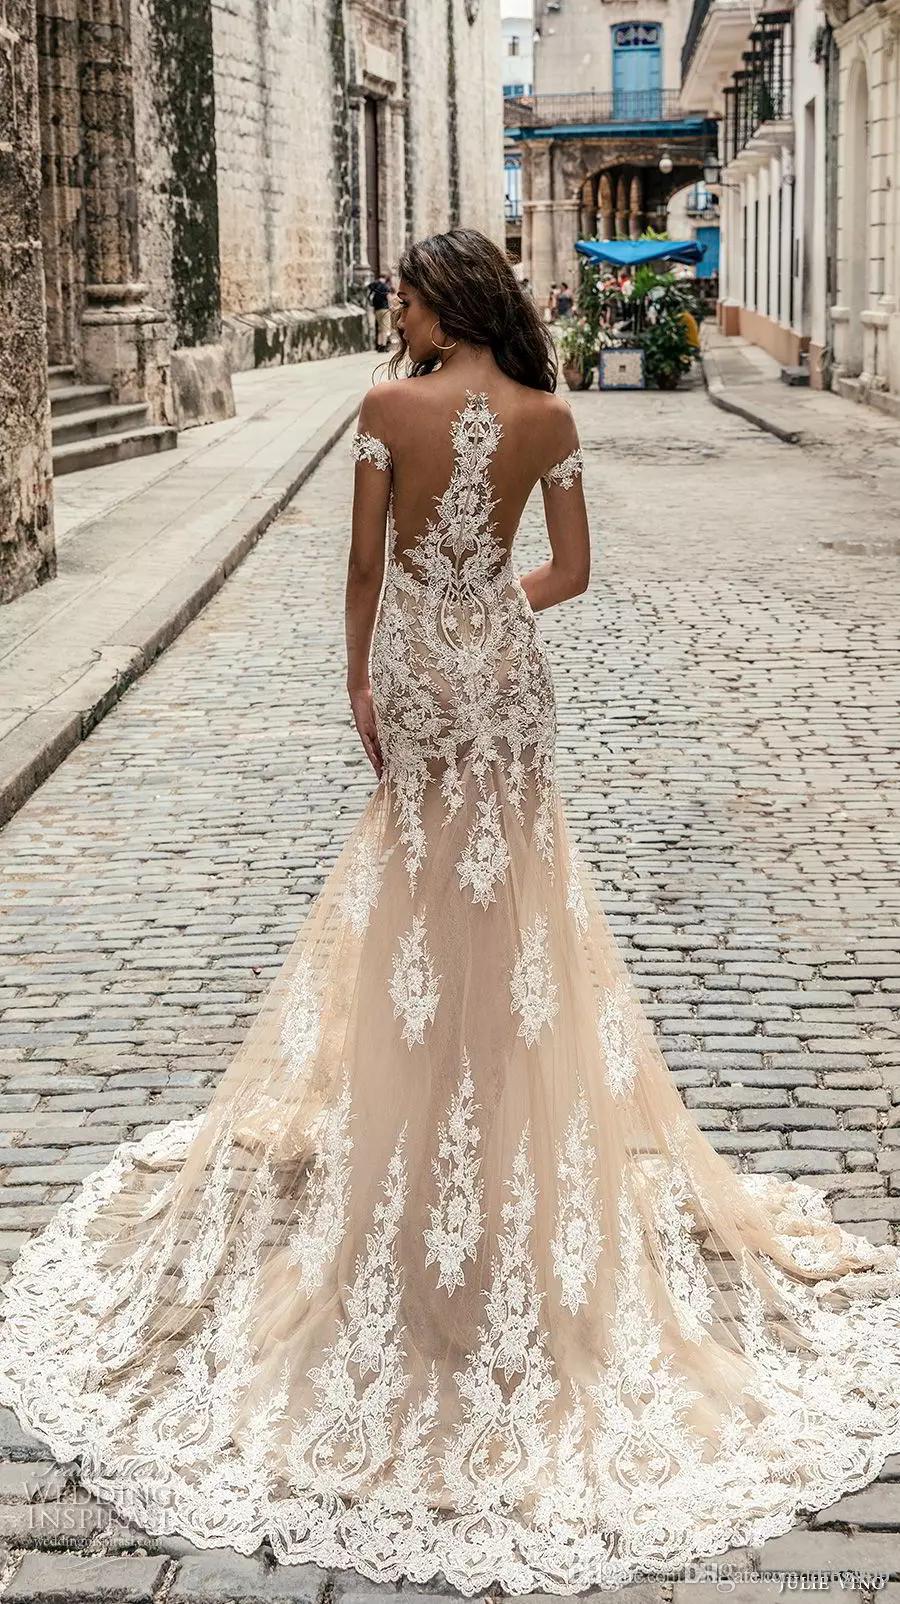 Шампанское Джули Вино Свадебные платья 2020 с плеча Глубокая Глубокая декольте Свадебные платья Светание Поезд Кружева Свадебное платье на заказ